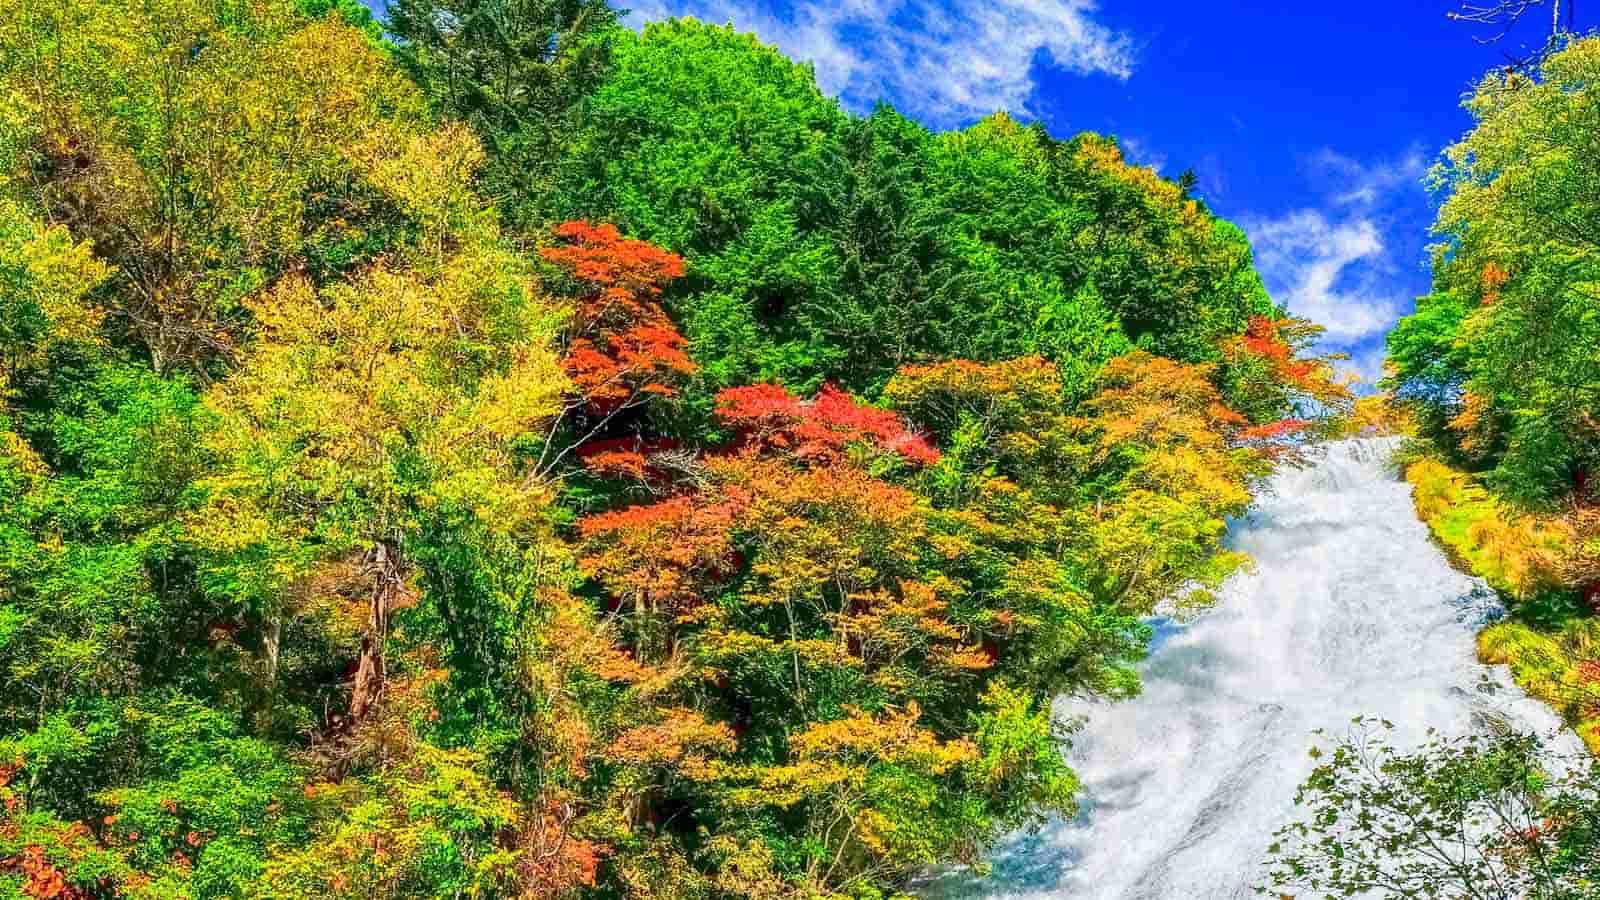 【日光】秋季紅葉觀賞推薦景點